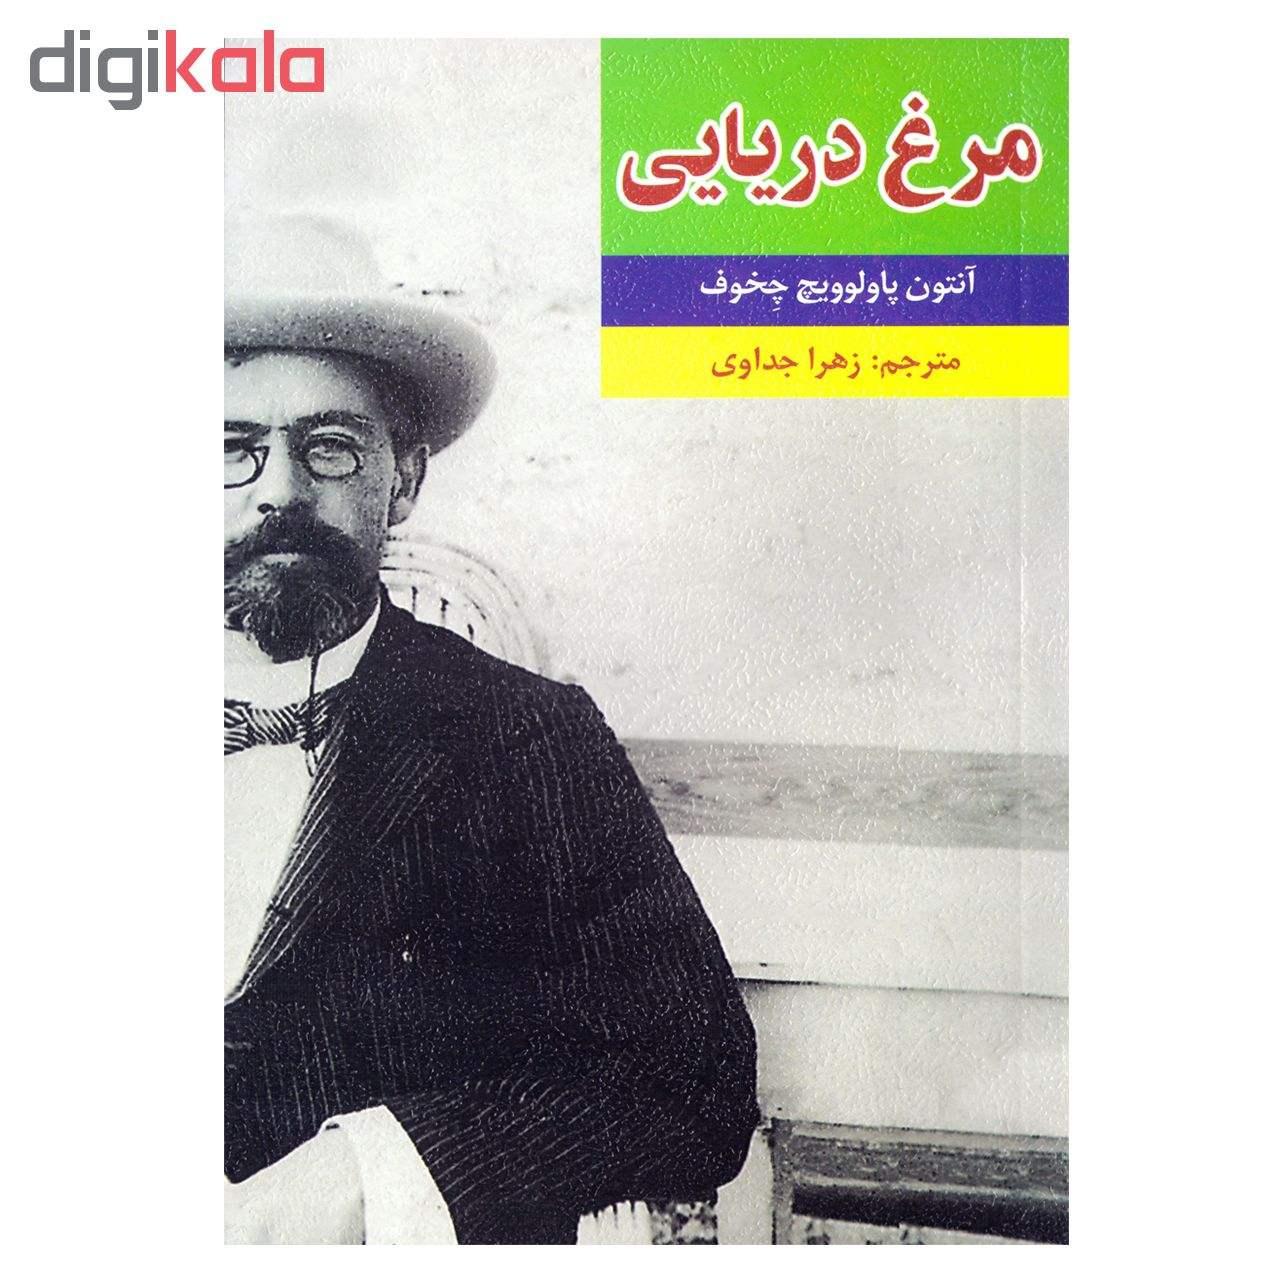 کتاب مرغ دریایی اثر آنتوان چخوف نشر آستان مهر thumb 1